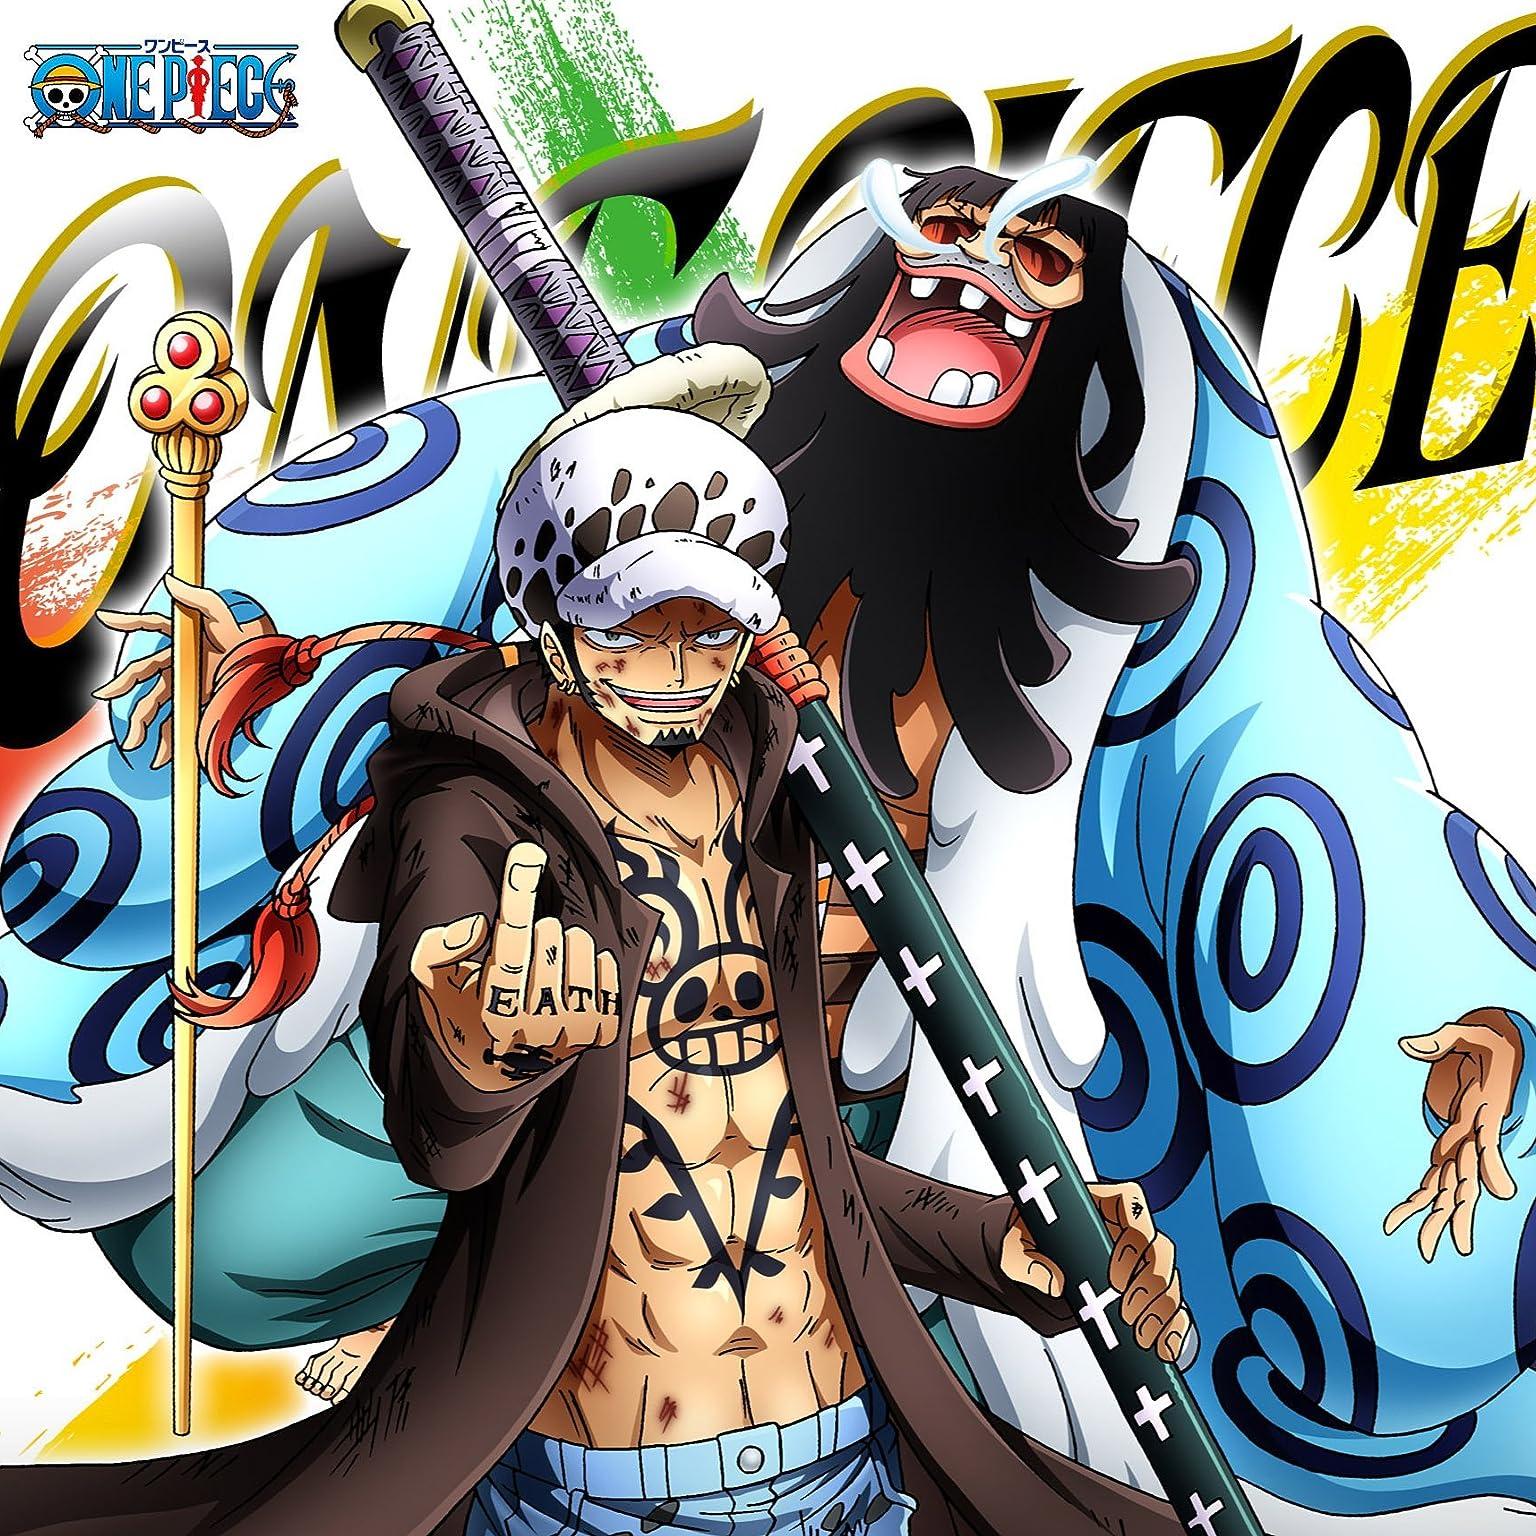 One Piece ロー トレーボル Ipad壁紙 画像56781 スマポ